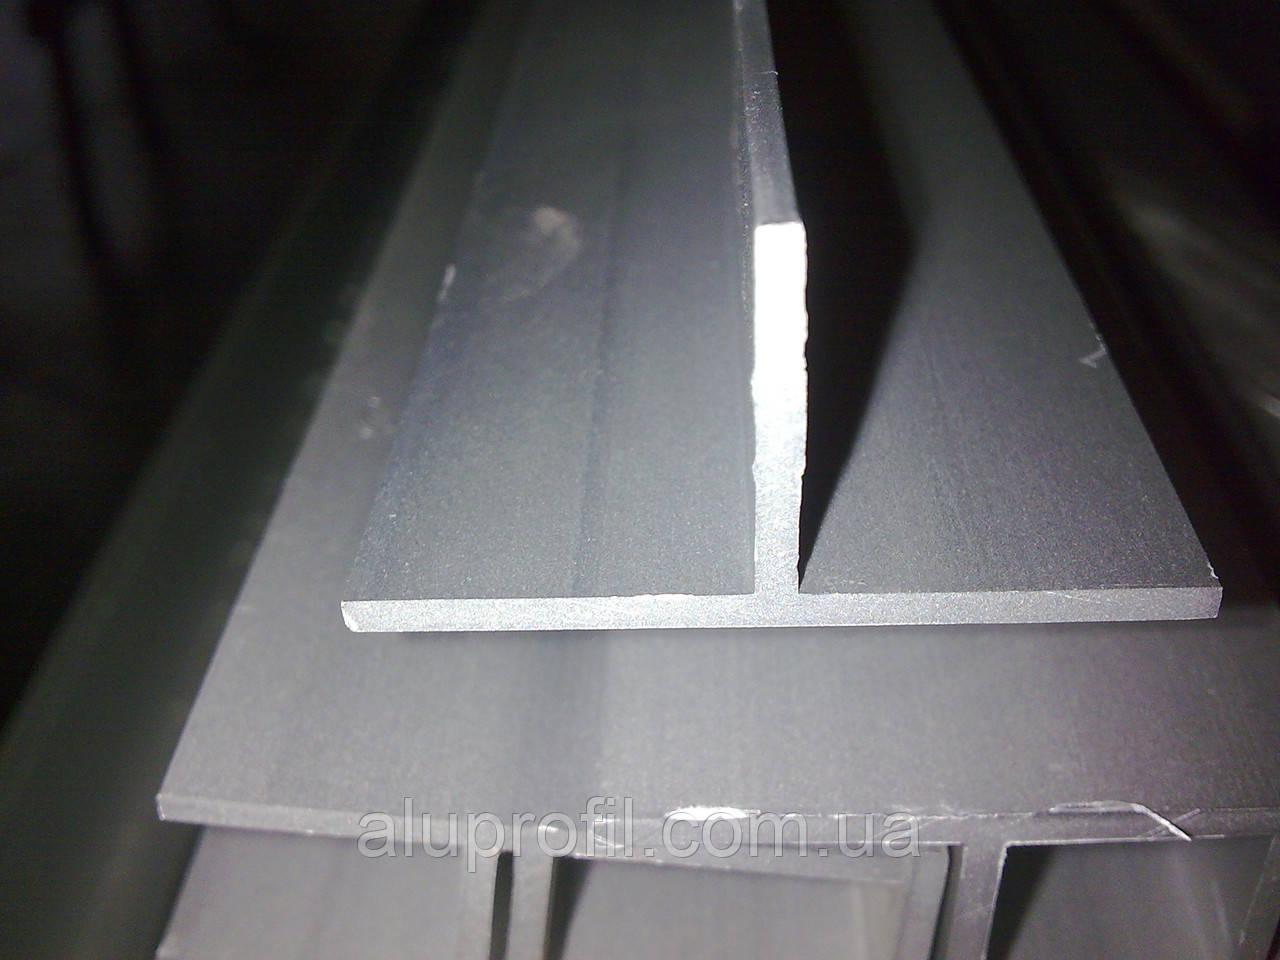 Алюминиевый профиль — тавр алюминиевый 20х40х2 AS